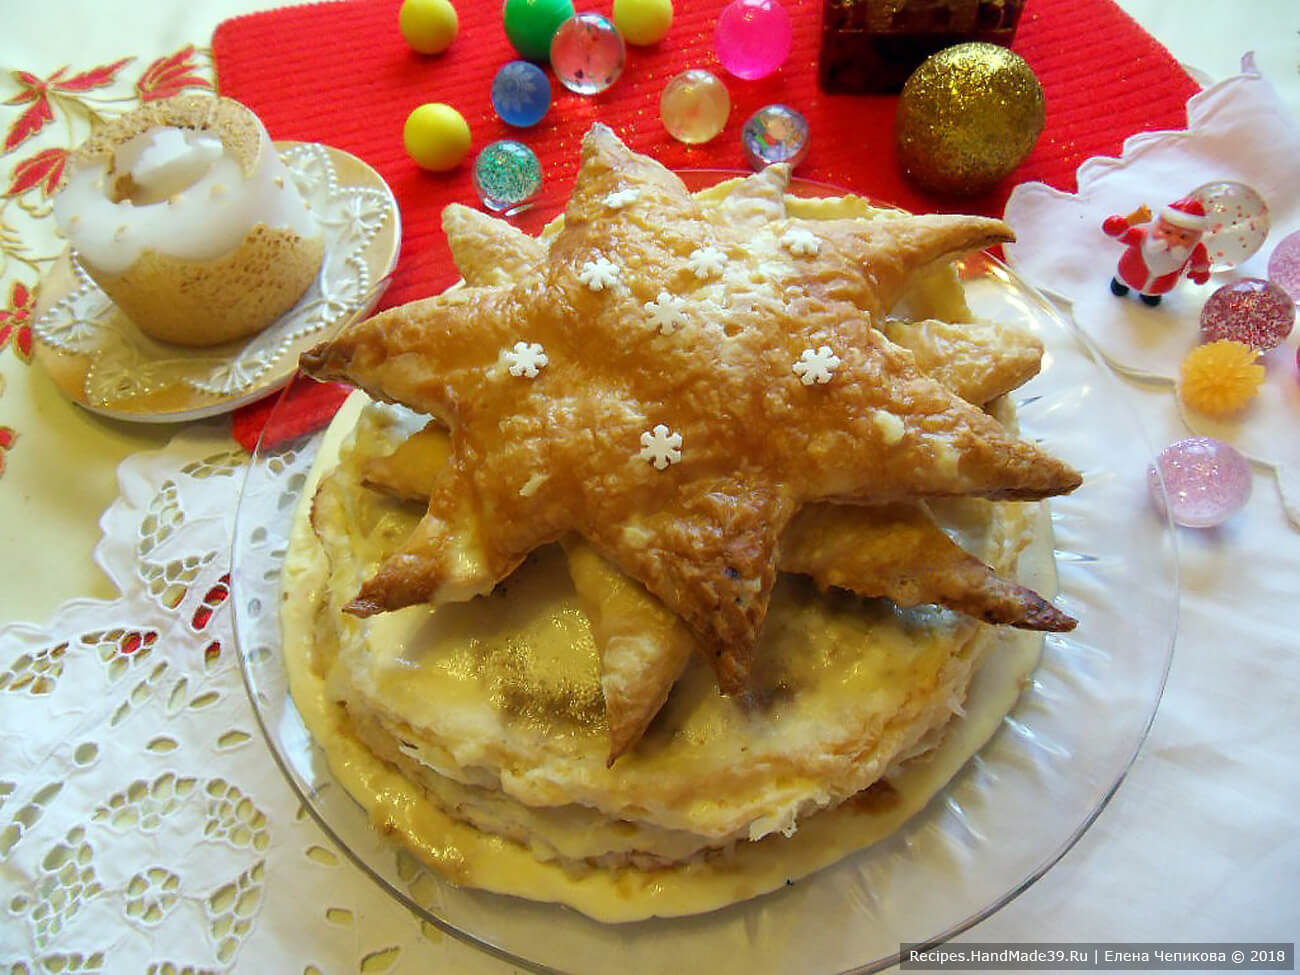 Вот она – «Рождественская звезда тирамису»! Приятного аппетита!